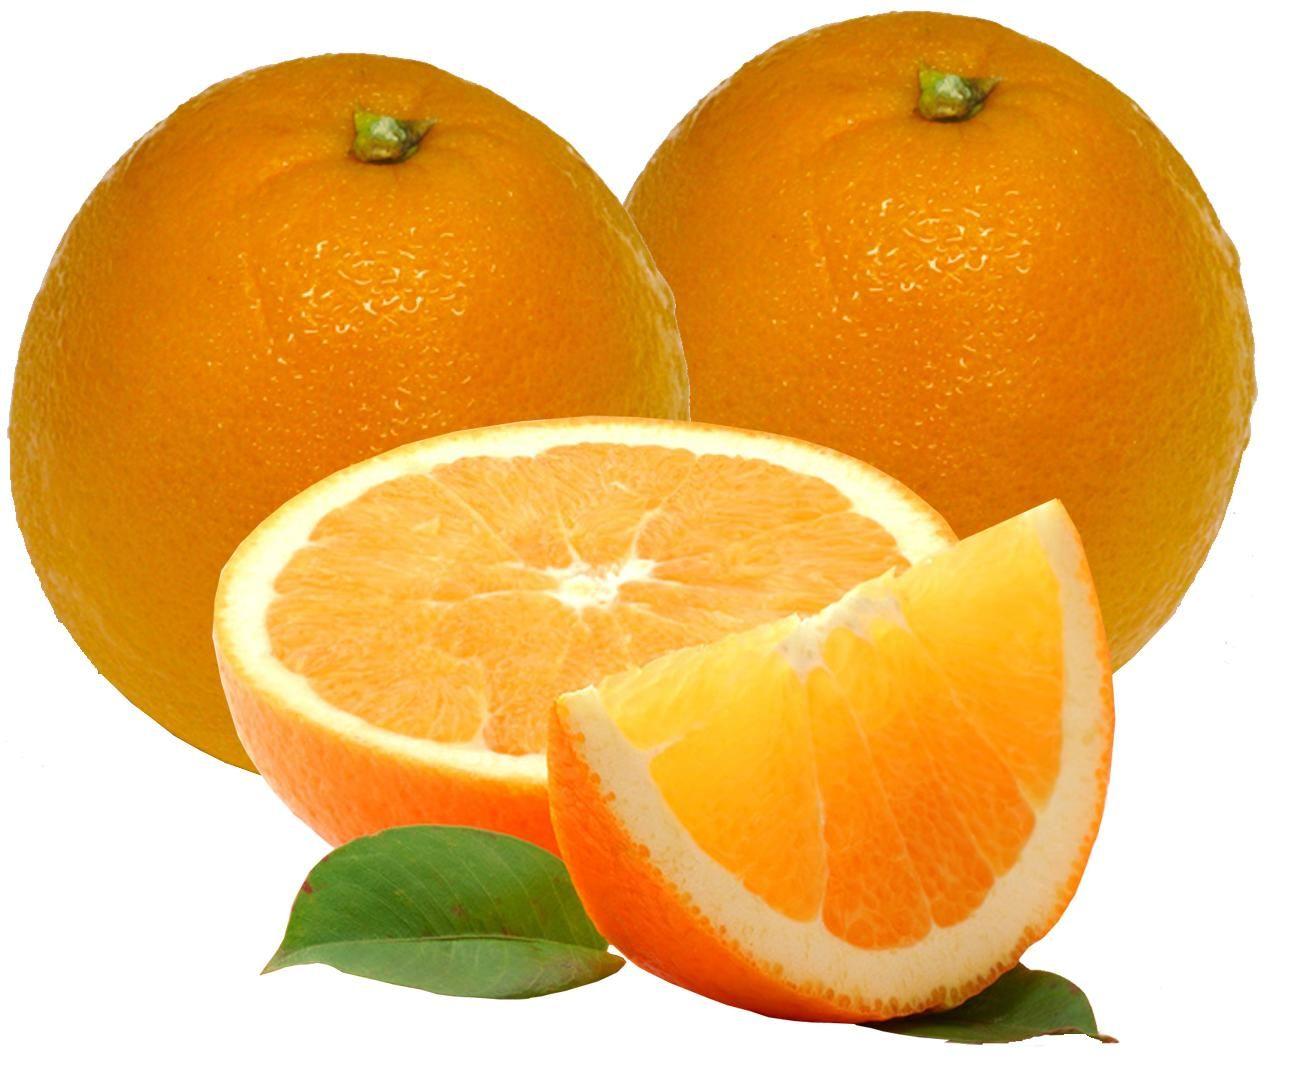 0ae540783811a37fe25847f1055d9d6d - How To Get The Most Juice Out Of Oranges